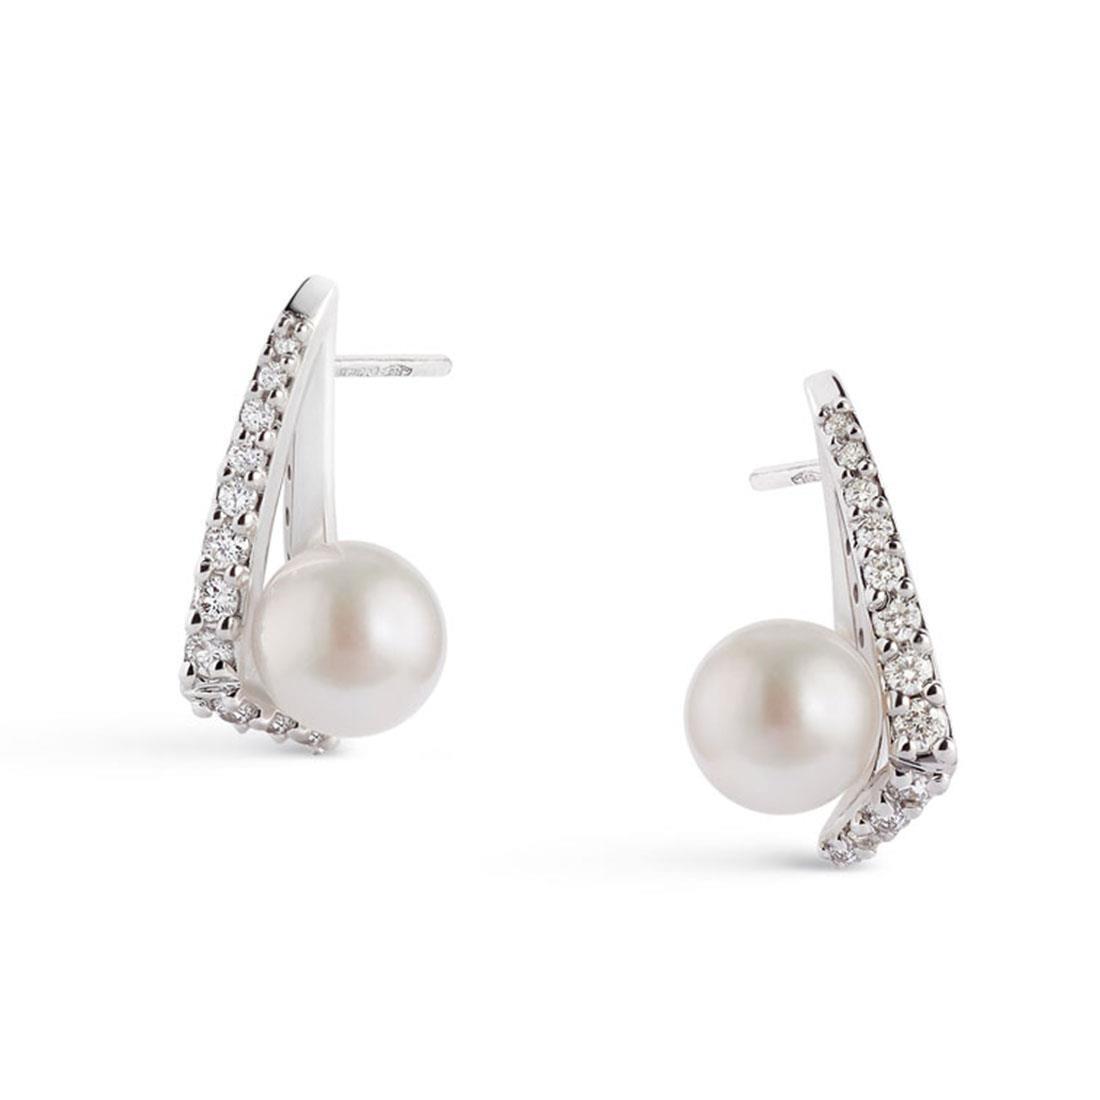 Orecchini in oro bianco con perle Akoya e diamanti ct.0,41 - ALFIERI & ST. JOHN